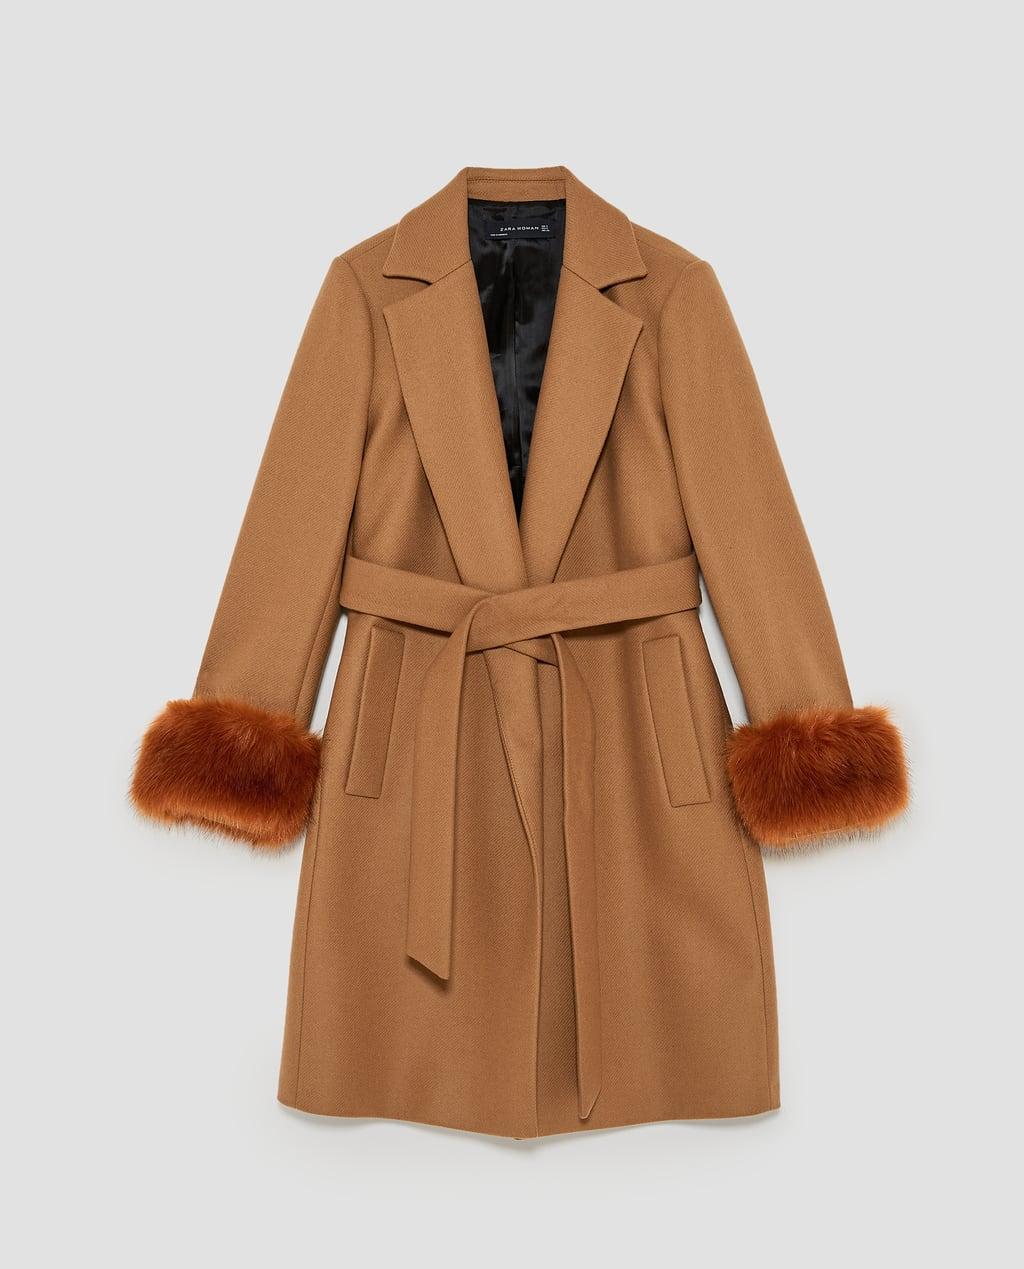 Coat with textured cuffs,£119, ZARA -